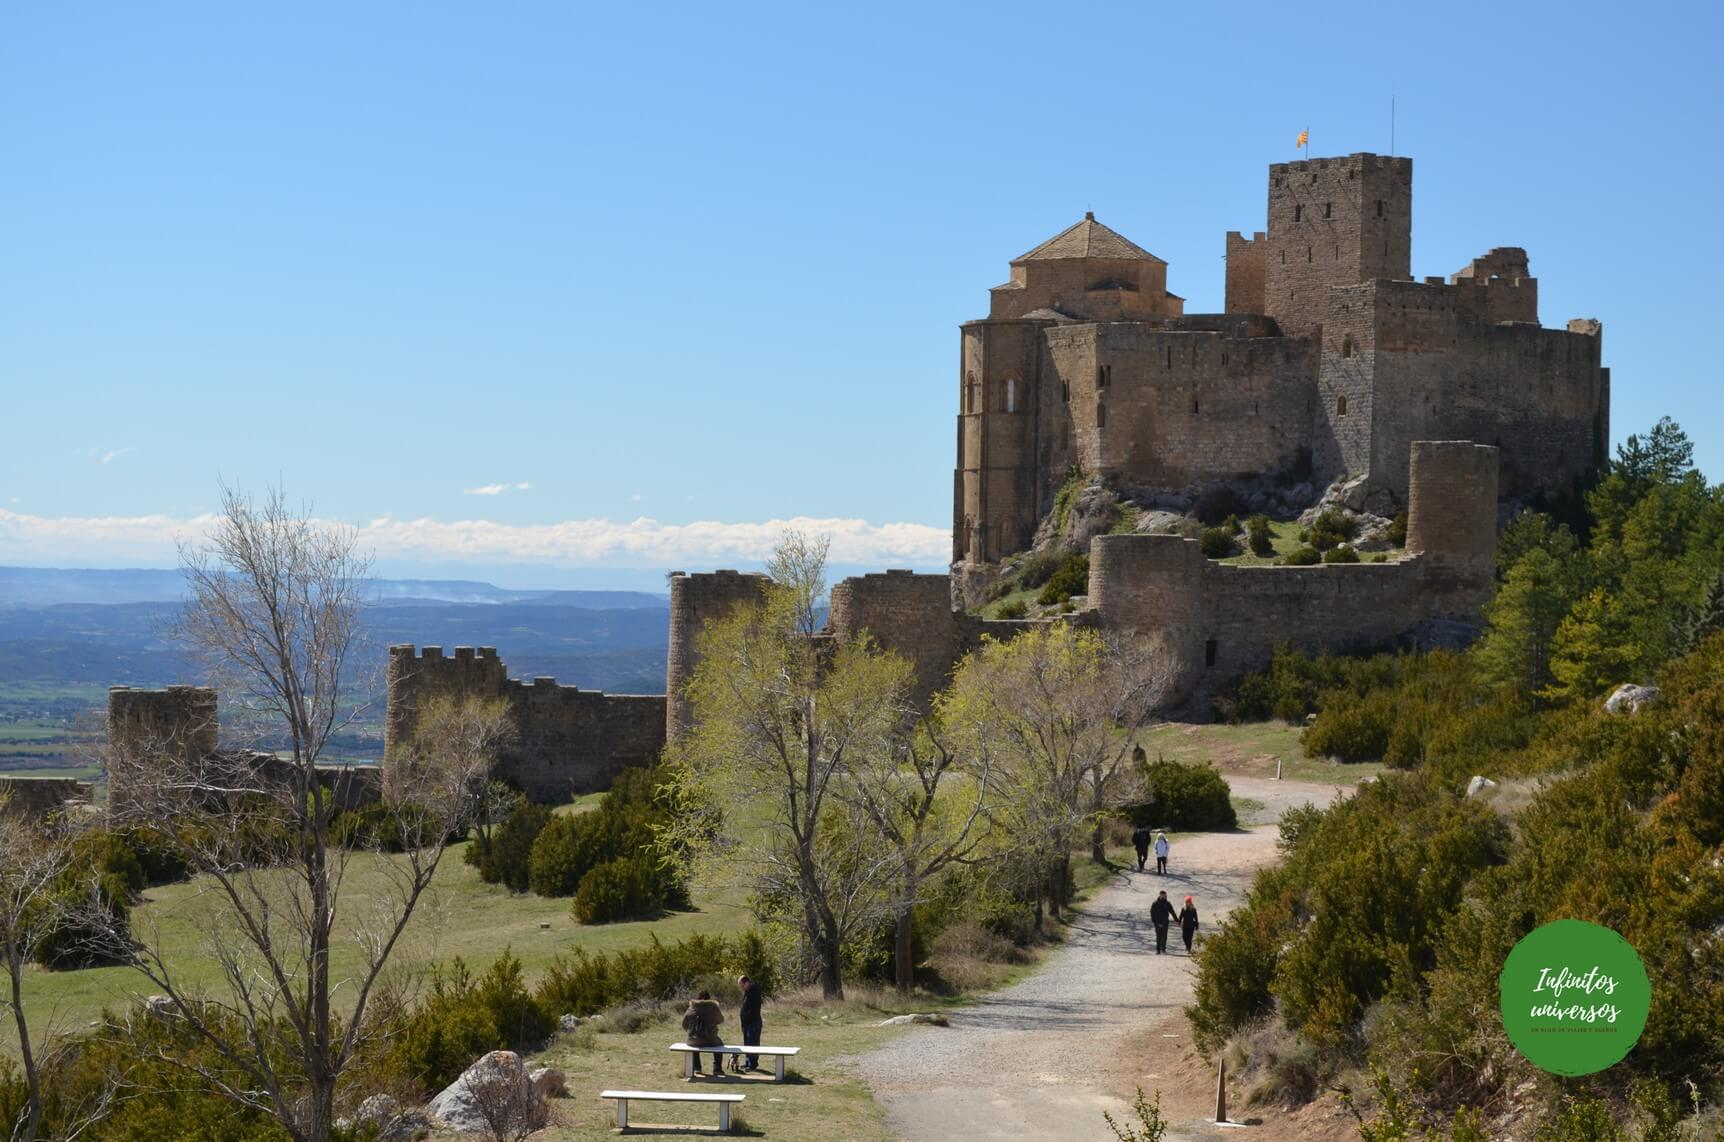 Castillo de Loarre huesca horarios y visita